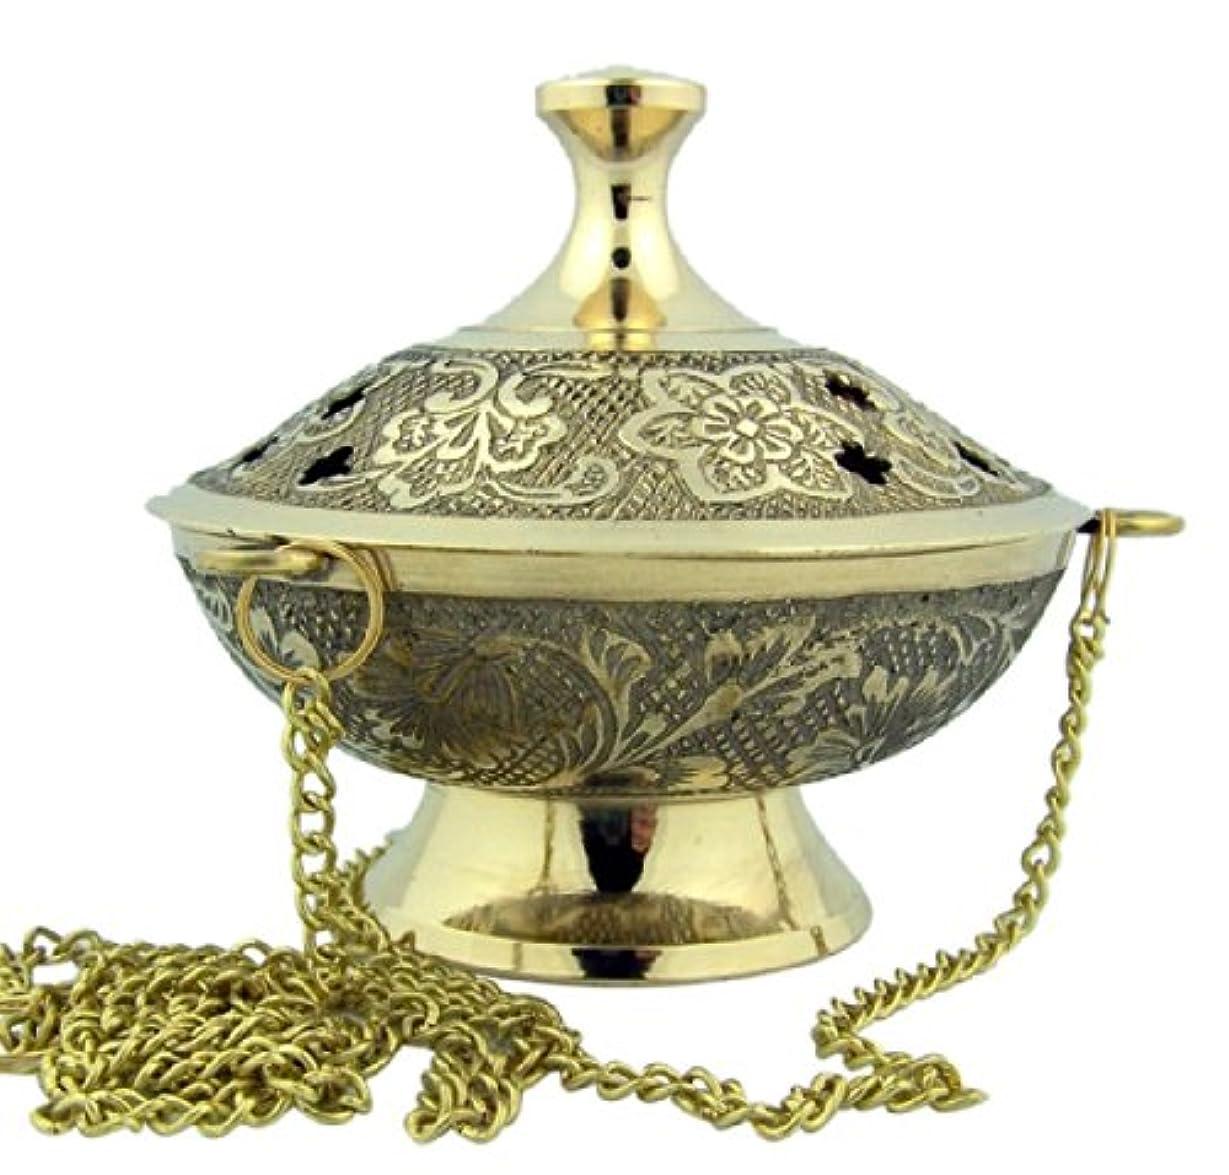 大聖堂電極チャンスCharcoal Incense Burner Gold Plate over Brass Hanging Censer with Chain